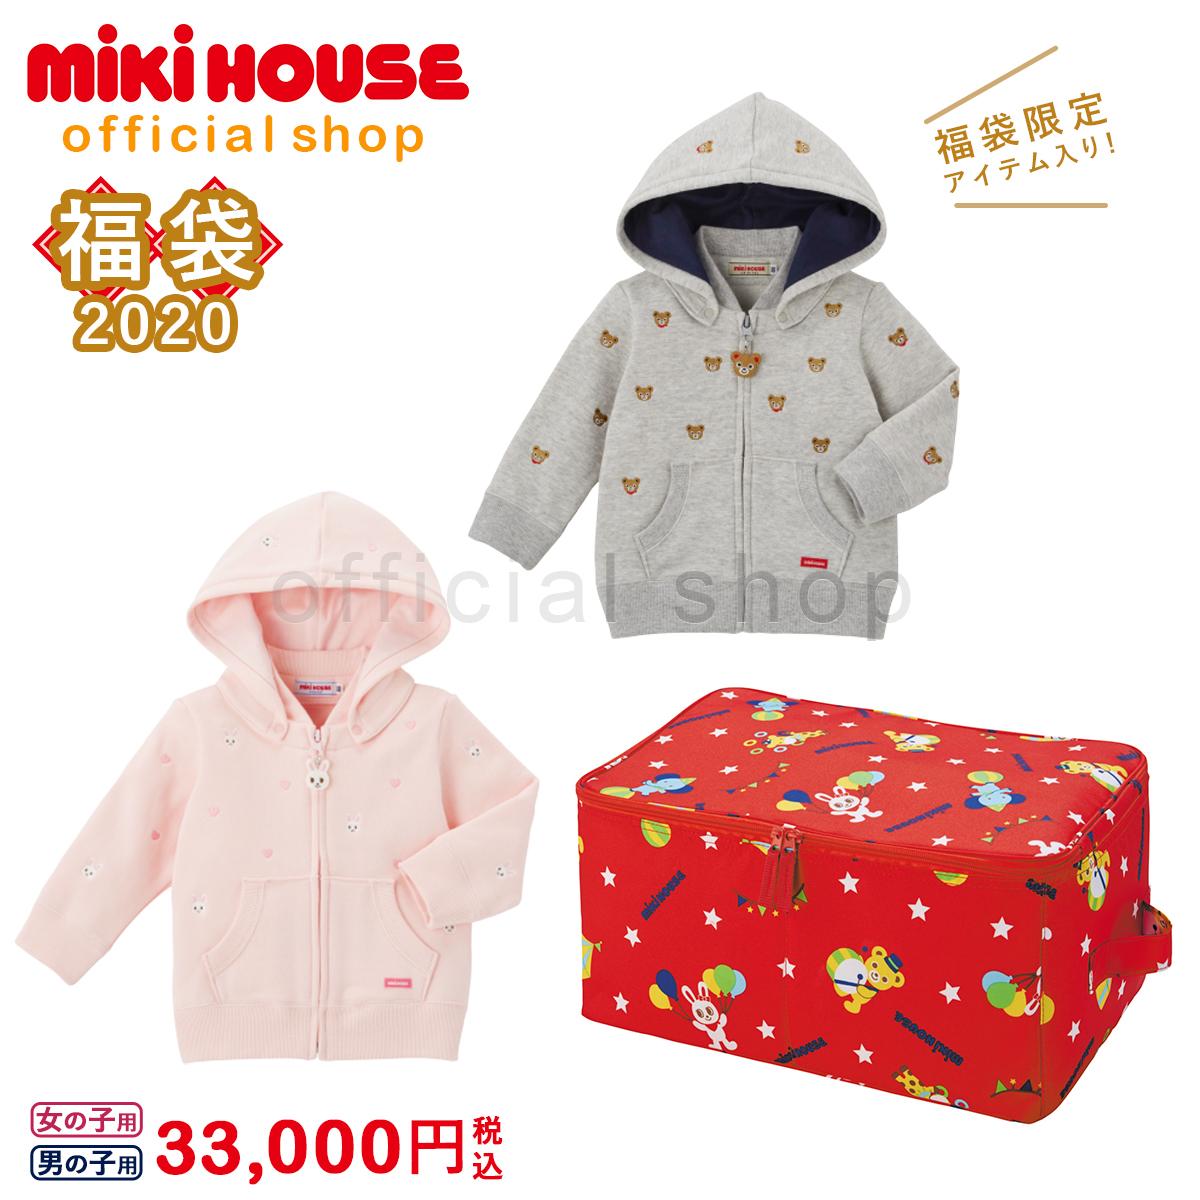 ミキハウス 3万円福袋